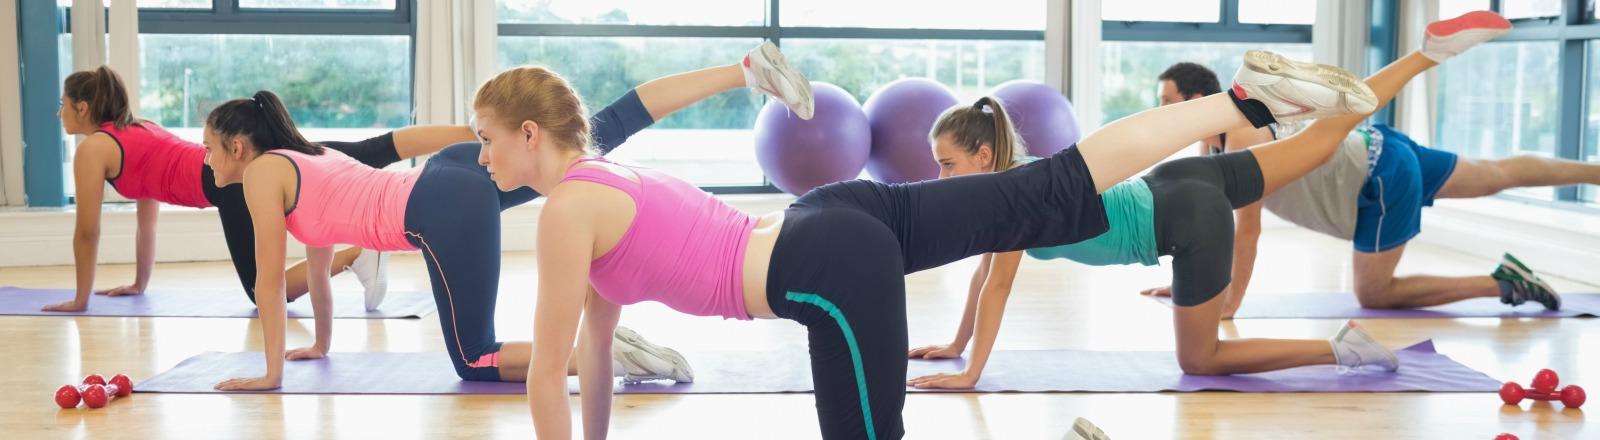 5 ways to strengthen your fitness studio